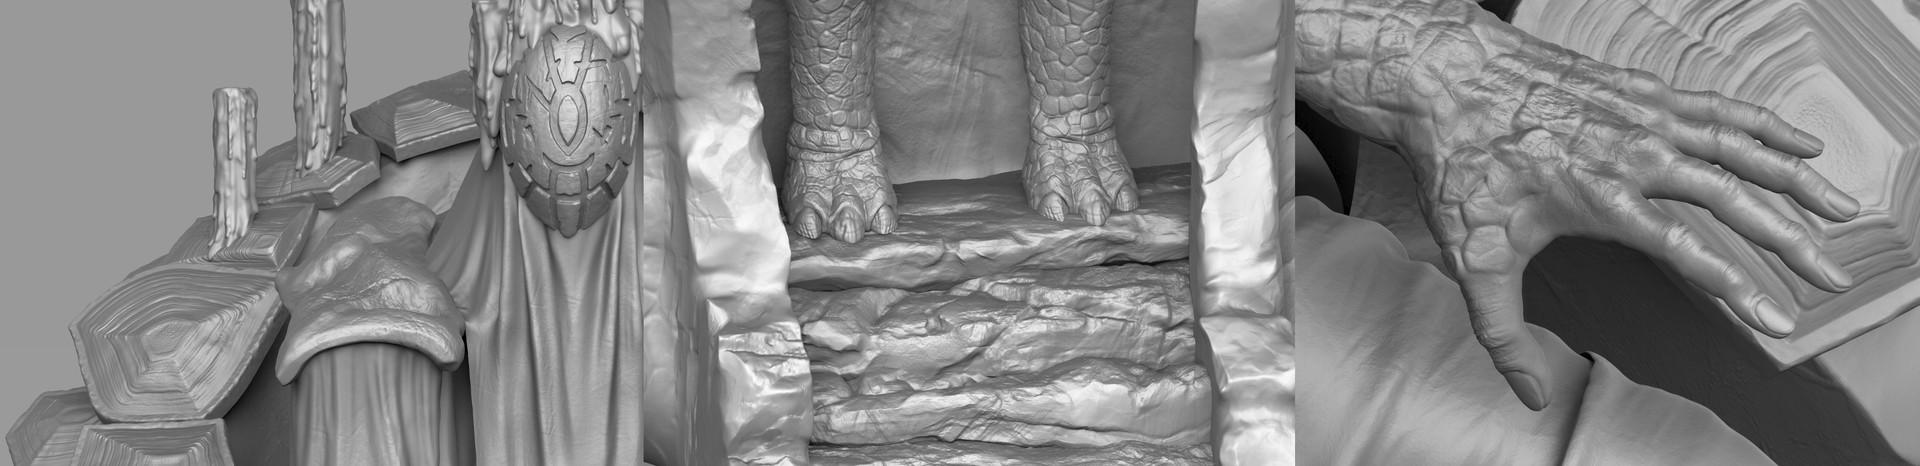 Danaos christopoulos theeldersculpt 3